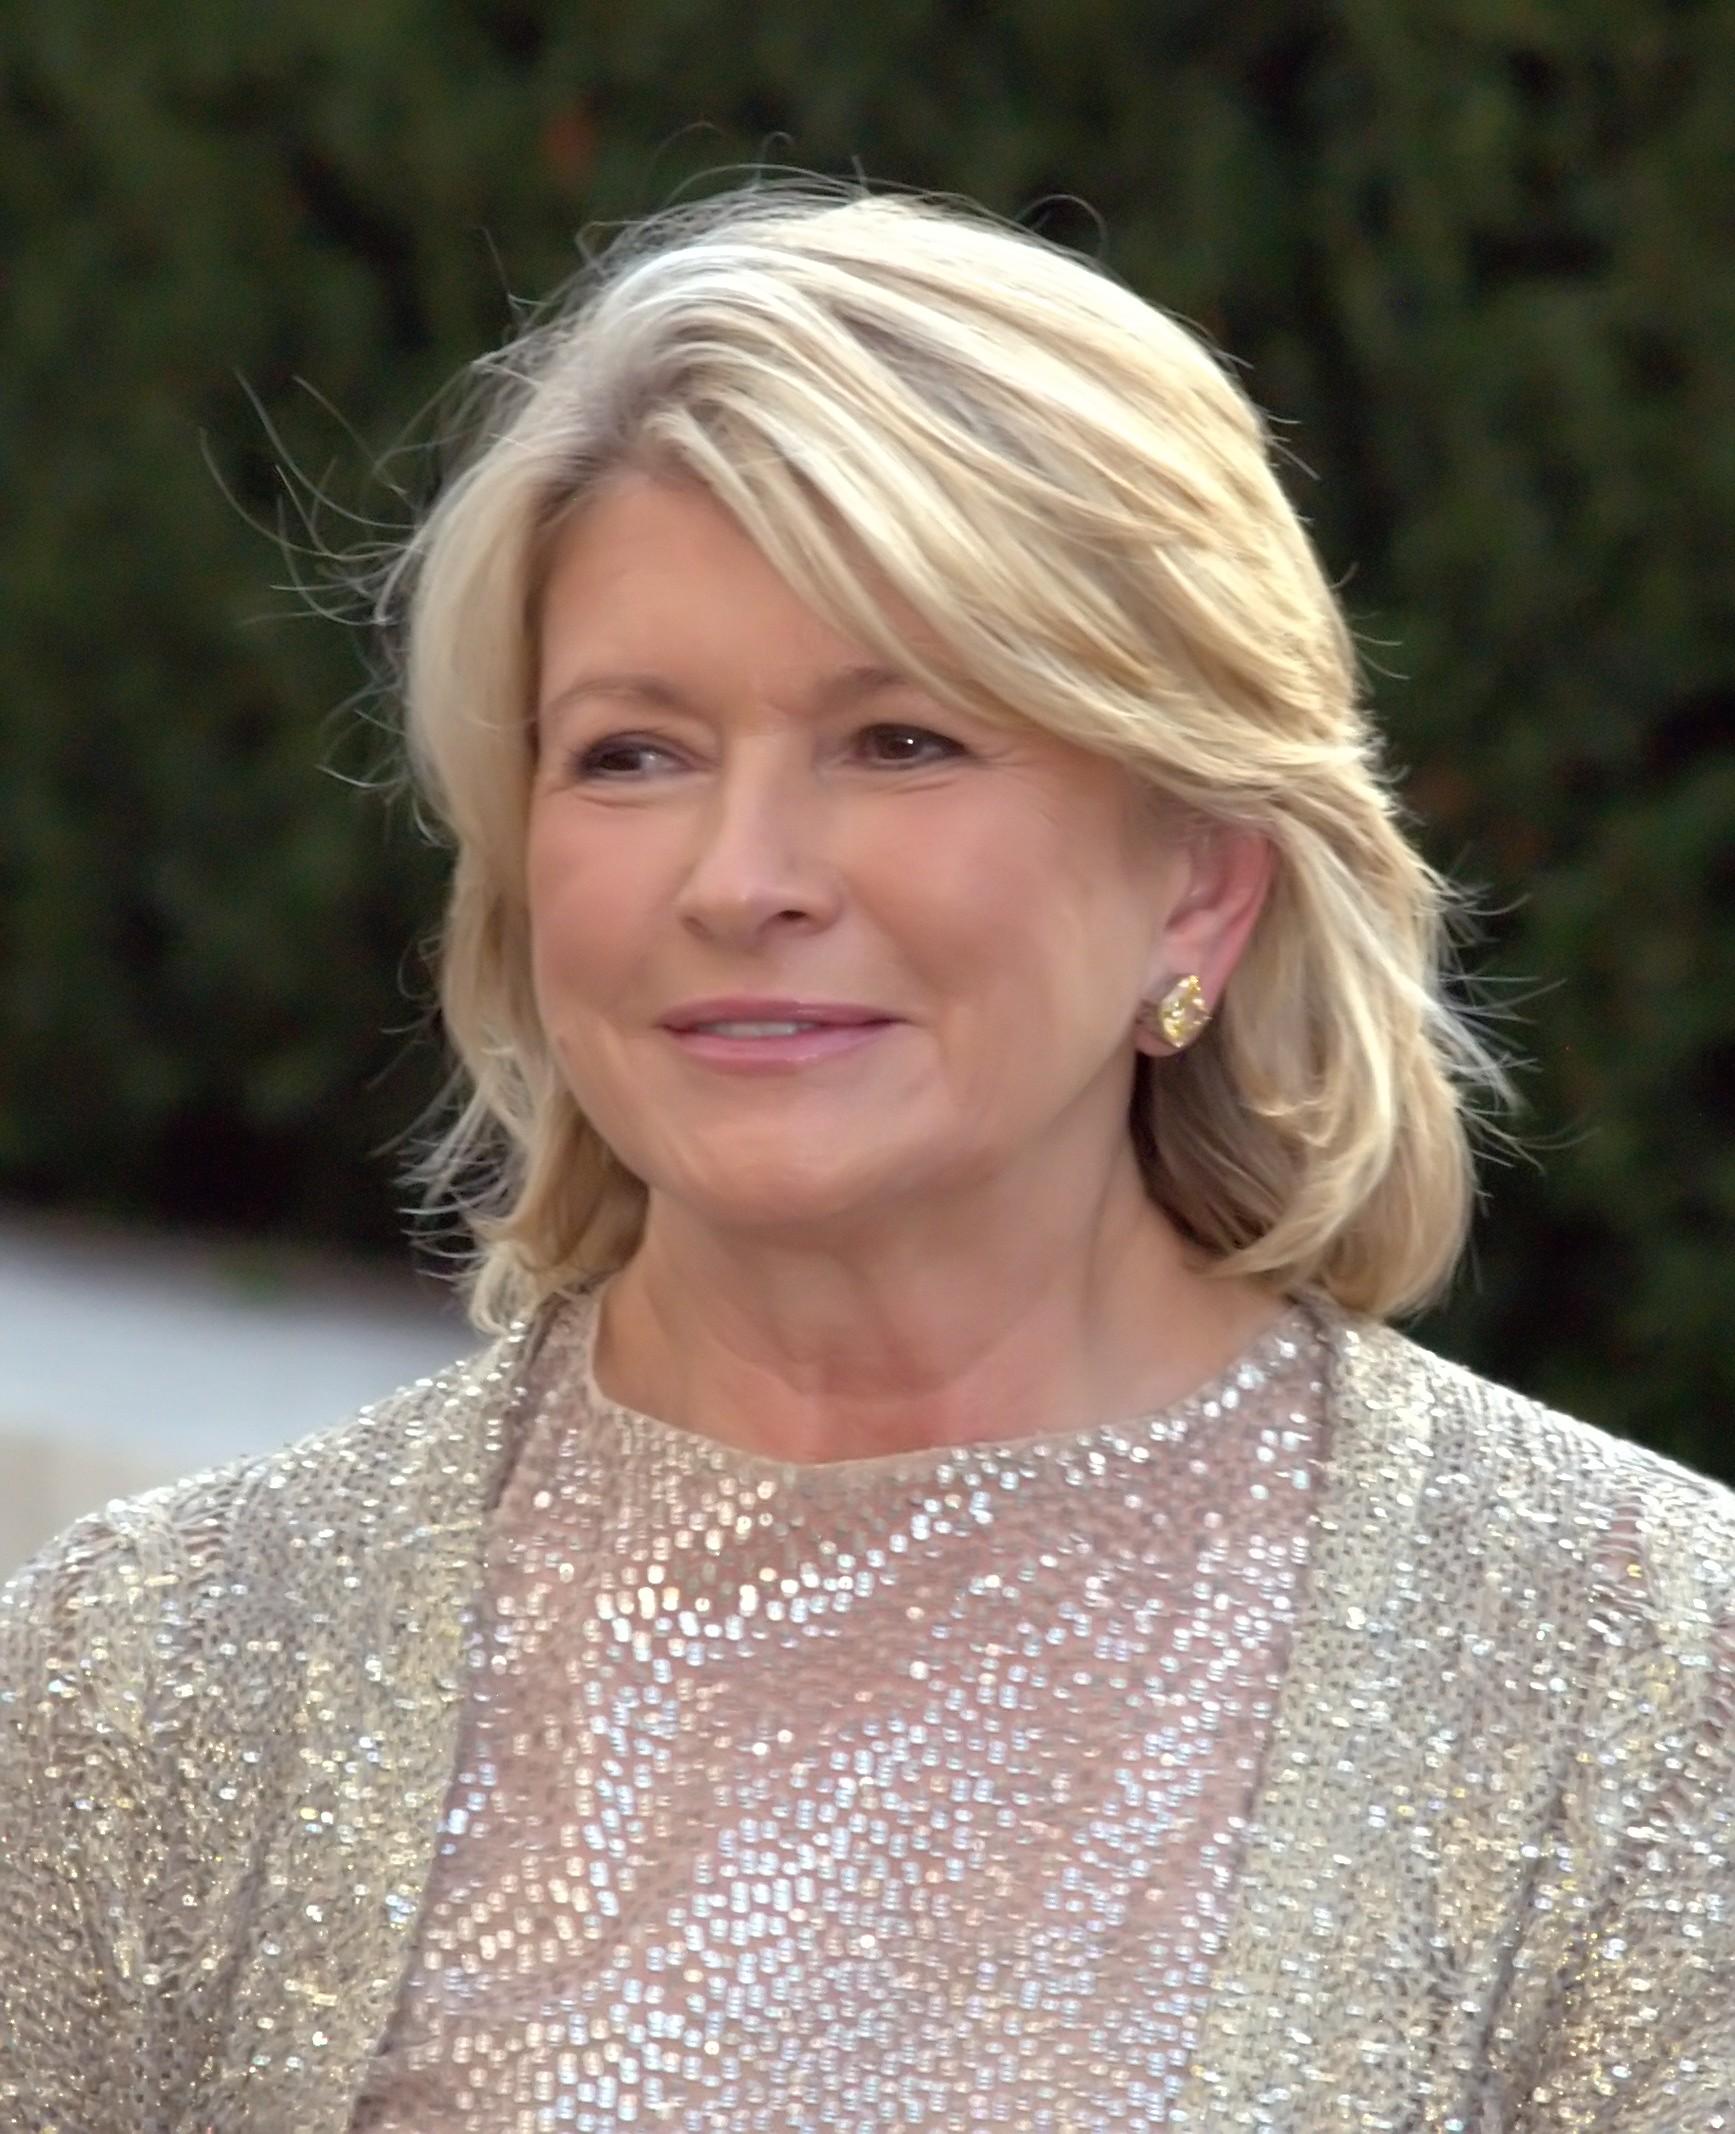 Veja o que saiu no Migalhas sobre Martha Stewart